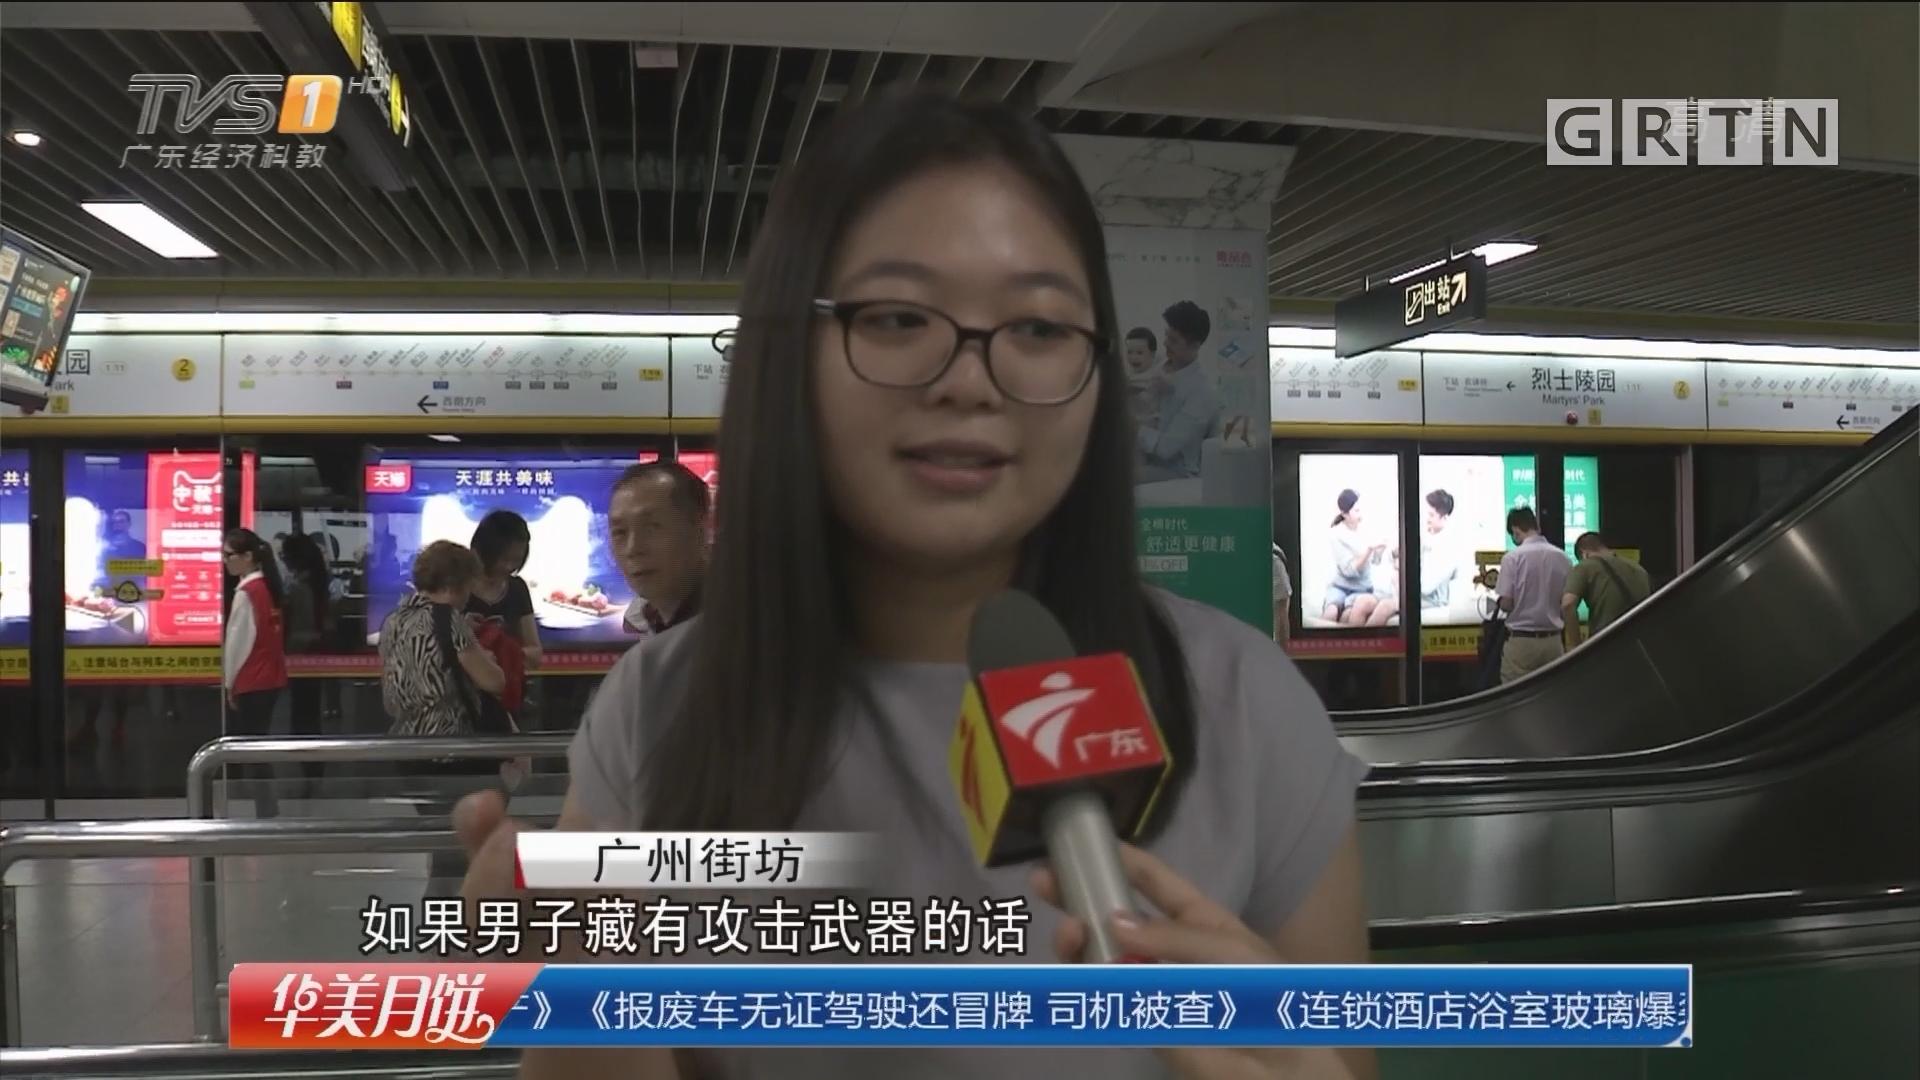 """广州:""""正义女神""""一声吼 镇住地铁""""色狼"""""""